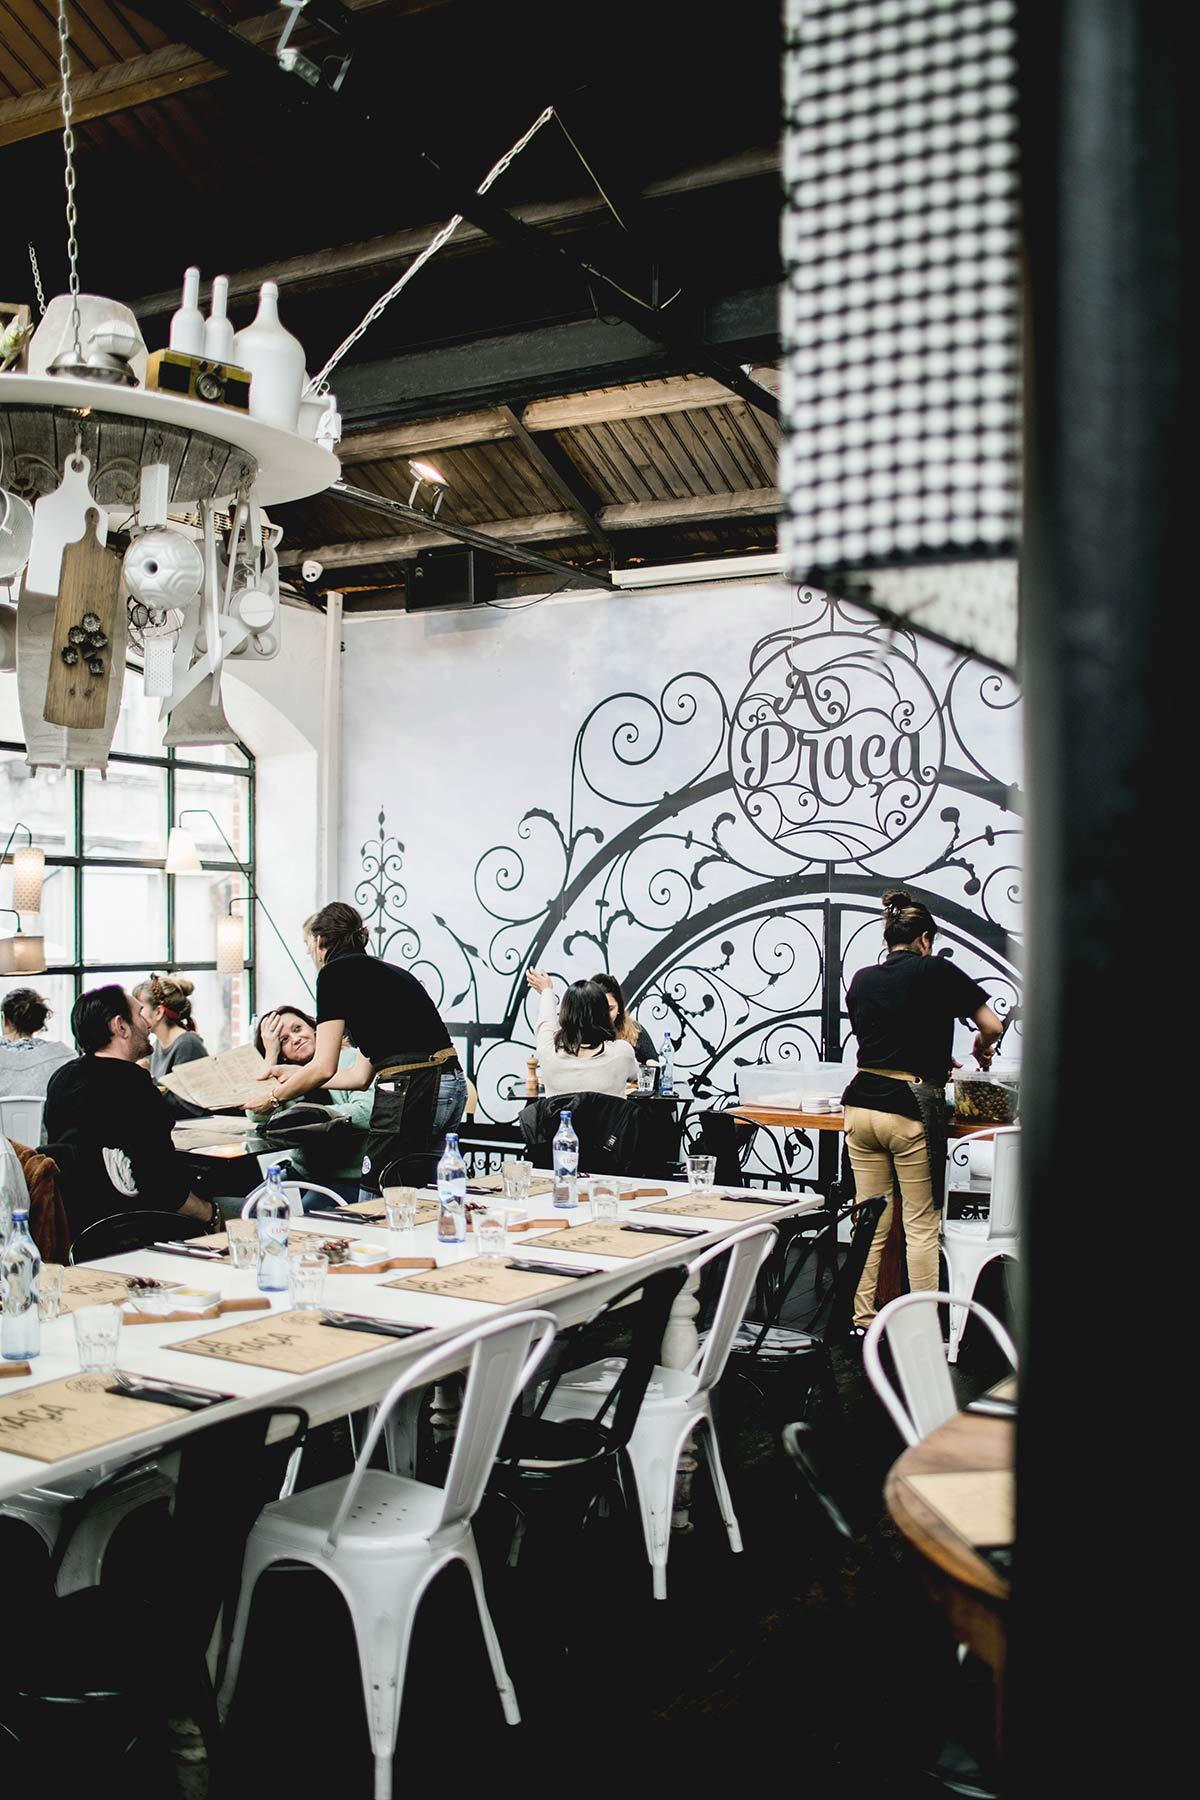 Cafe in Lissabon Praca